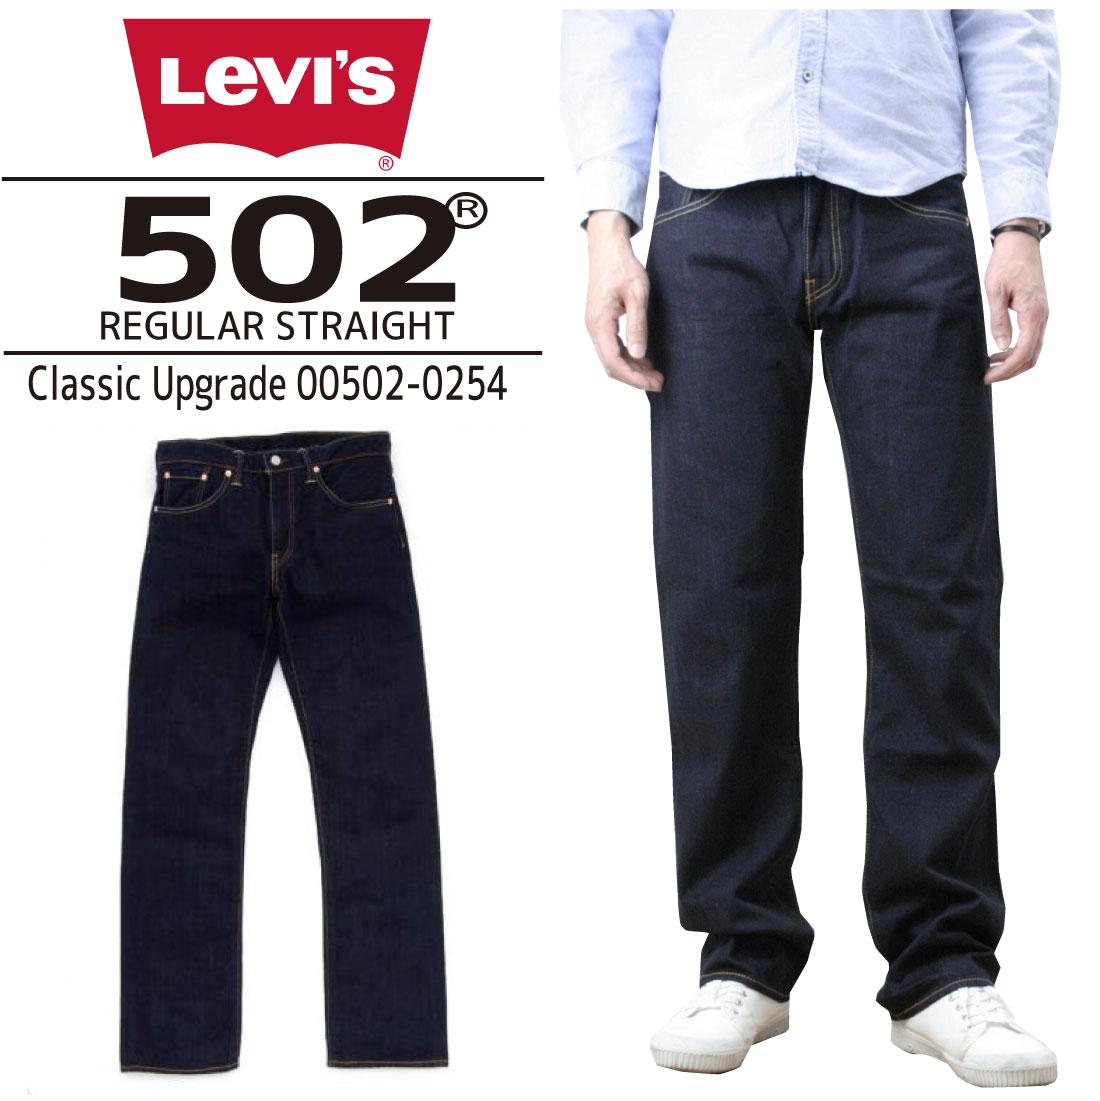 Levi's LEVI'S リーバイス 502 デニム レギュラーフィット ストレート ジーンズ 00502-0254 リンス ワンウォッシュ 14oz メンズ